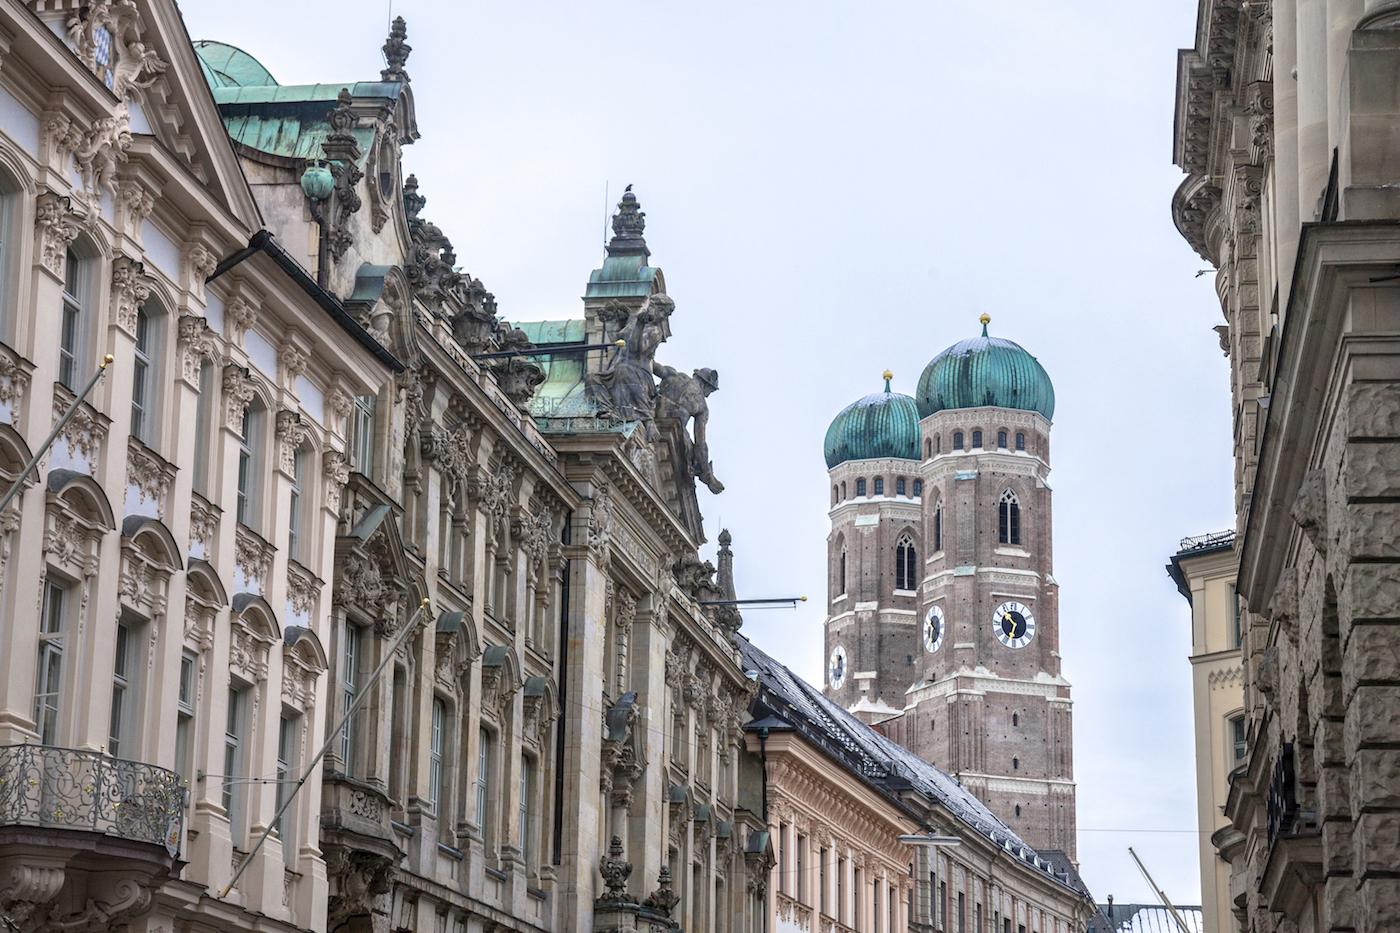 Eine Rheinländerin in München - 5 Jahre München, Frauenkirche Quelle: shutterstock